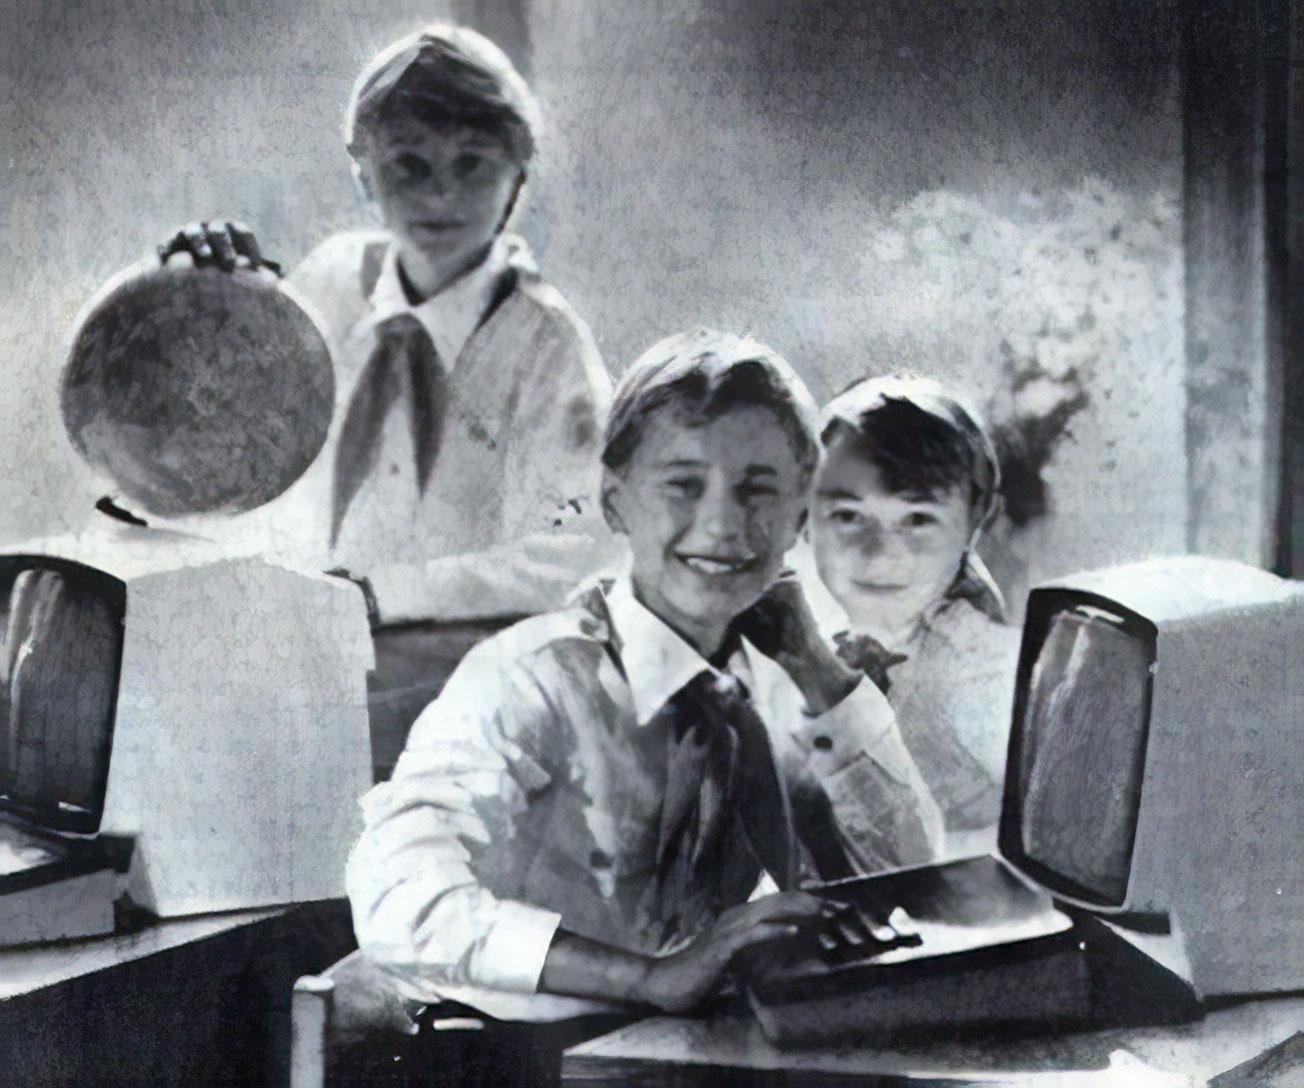 Zdjęcie zamieszczone wmoskiewskiej gazecie Prawda, wydanej 1 września 1985 roku. Nazdjęciu mikrokomputer Meritum Iorazmonitor Unimor Neptun 156.